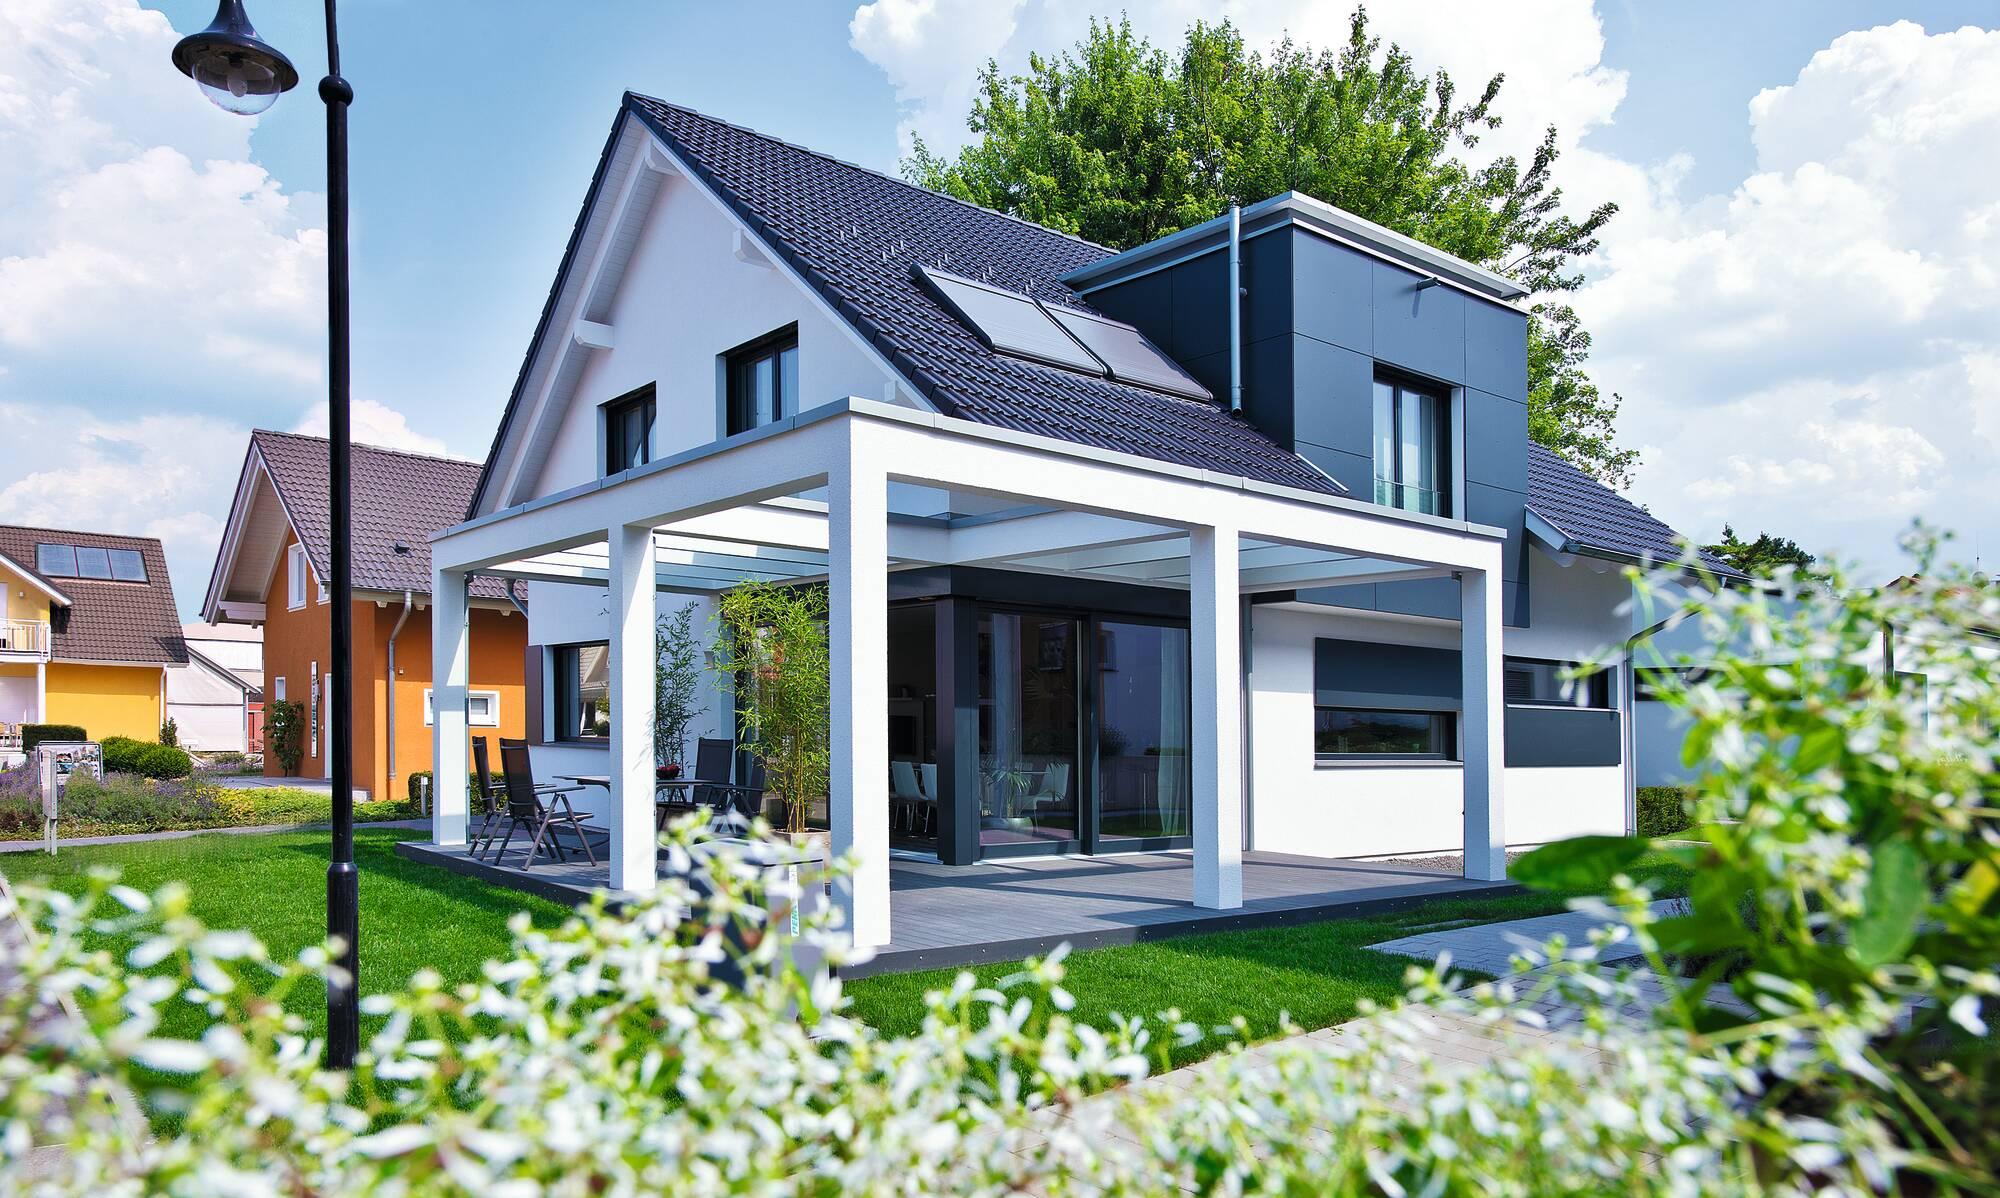 Satteldach mit flacher Dachgaube